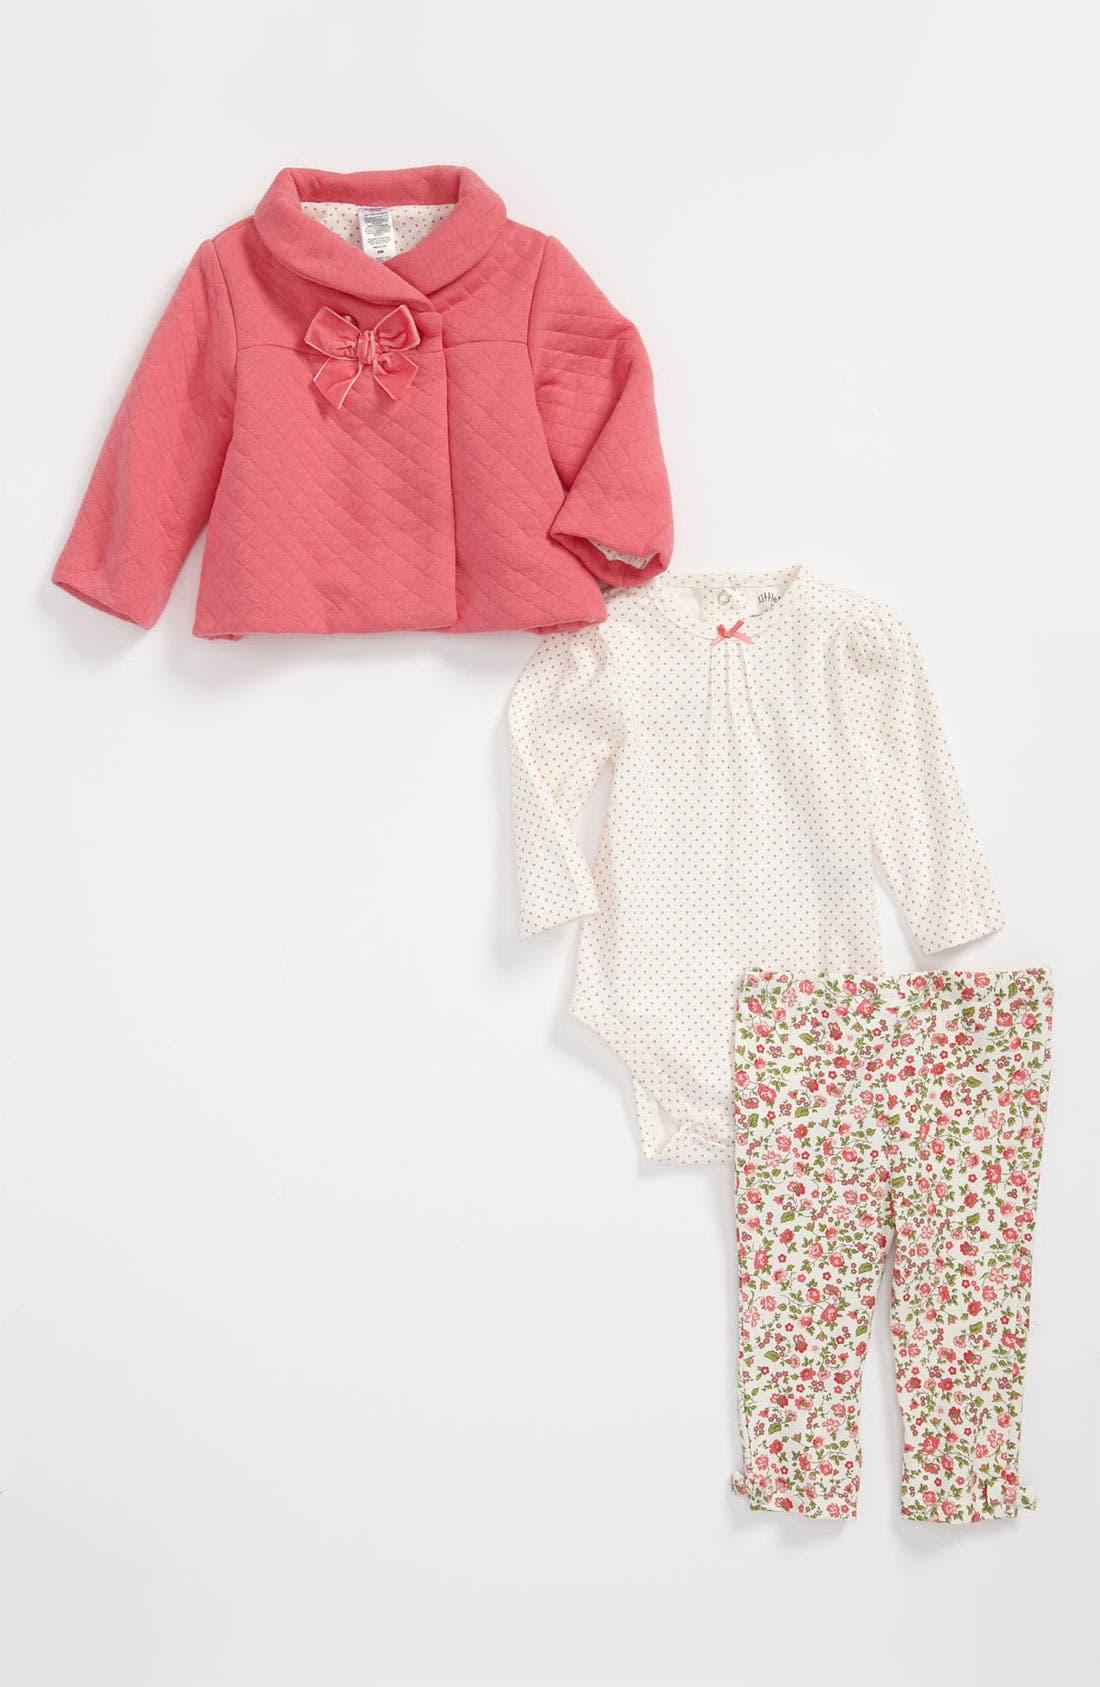 Main Image - Little Me 'Pretty Floral' Top, Leggings & Jacket (Infant)